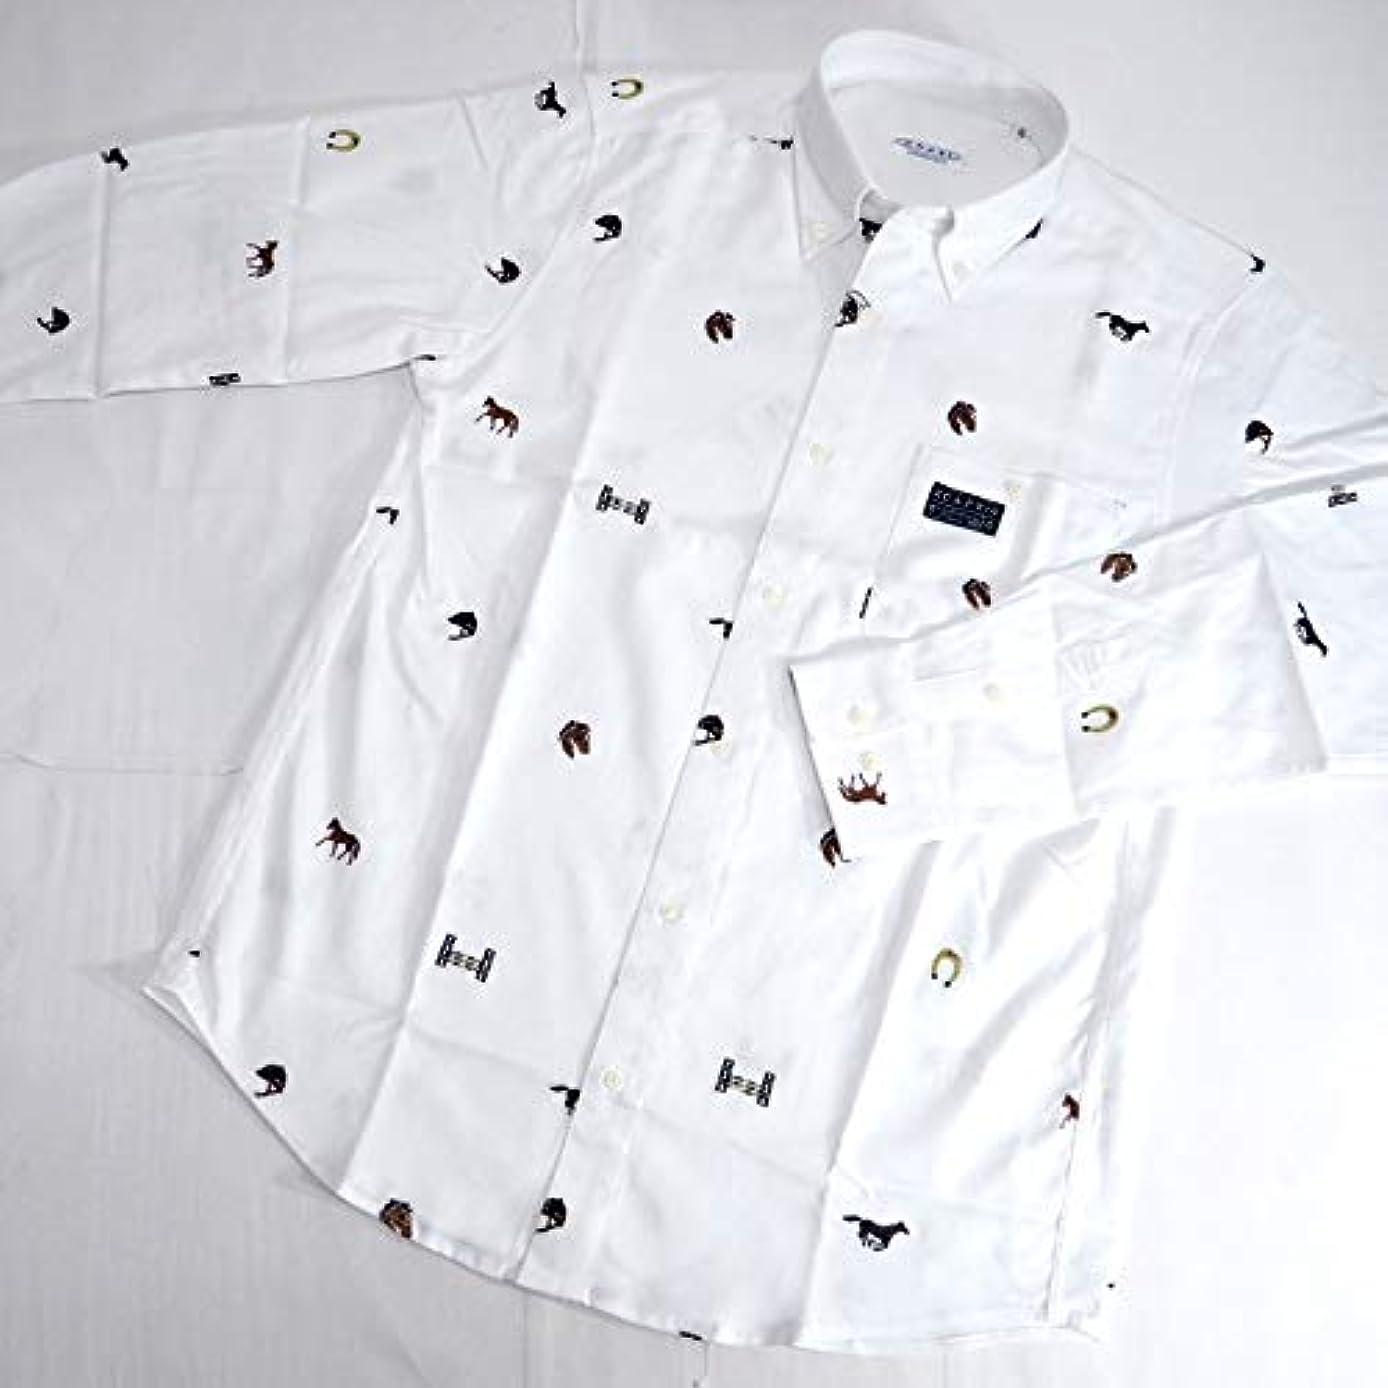 コショウ出発する蒸40438 秋冬 ボタンダウン ネルシャツ 長袖 刺繍 総柄 ホワイト(白) サイズ 46(M) CAPRI カプリ 紳士服 メンズ 男性用